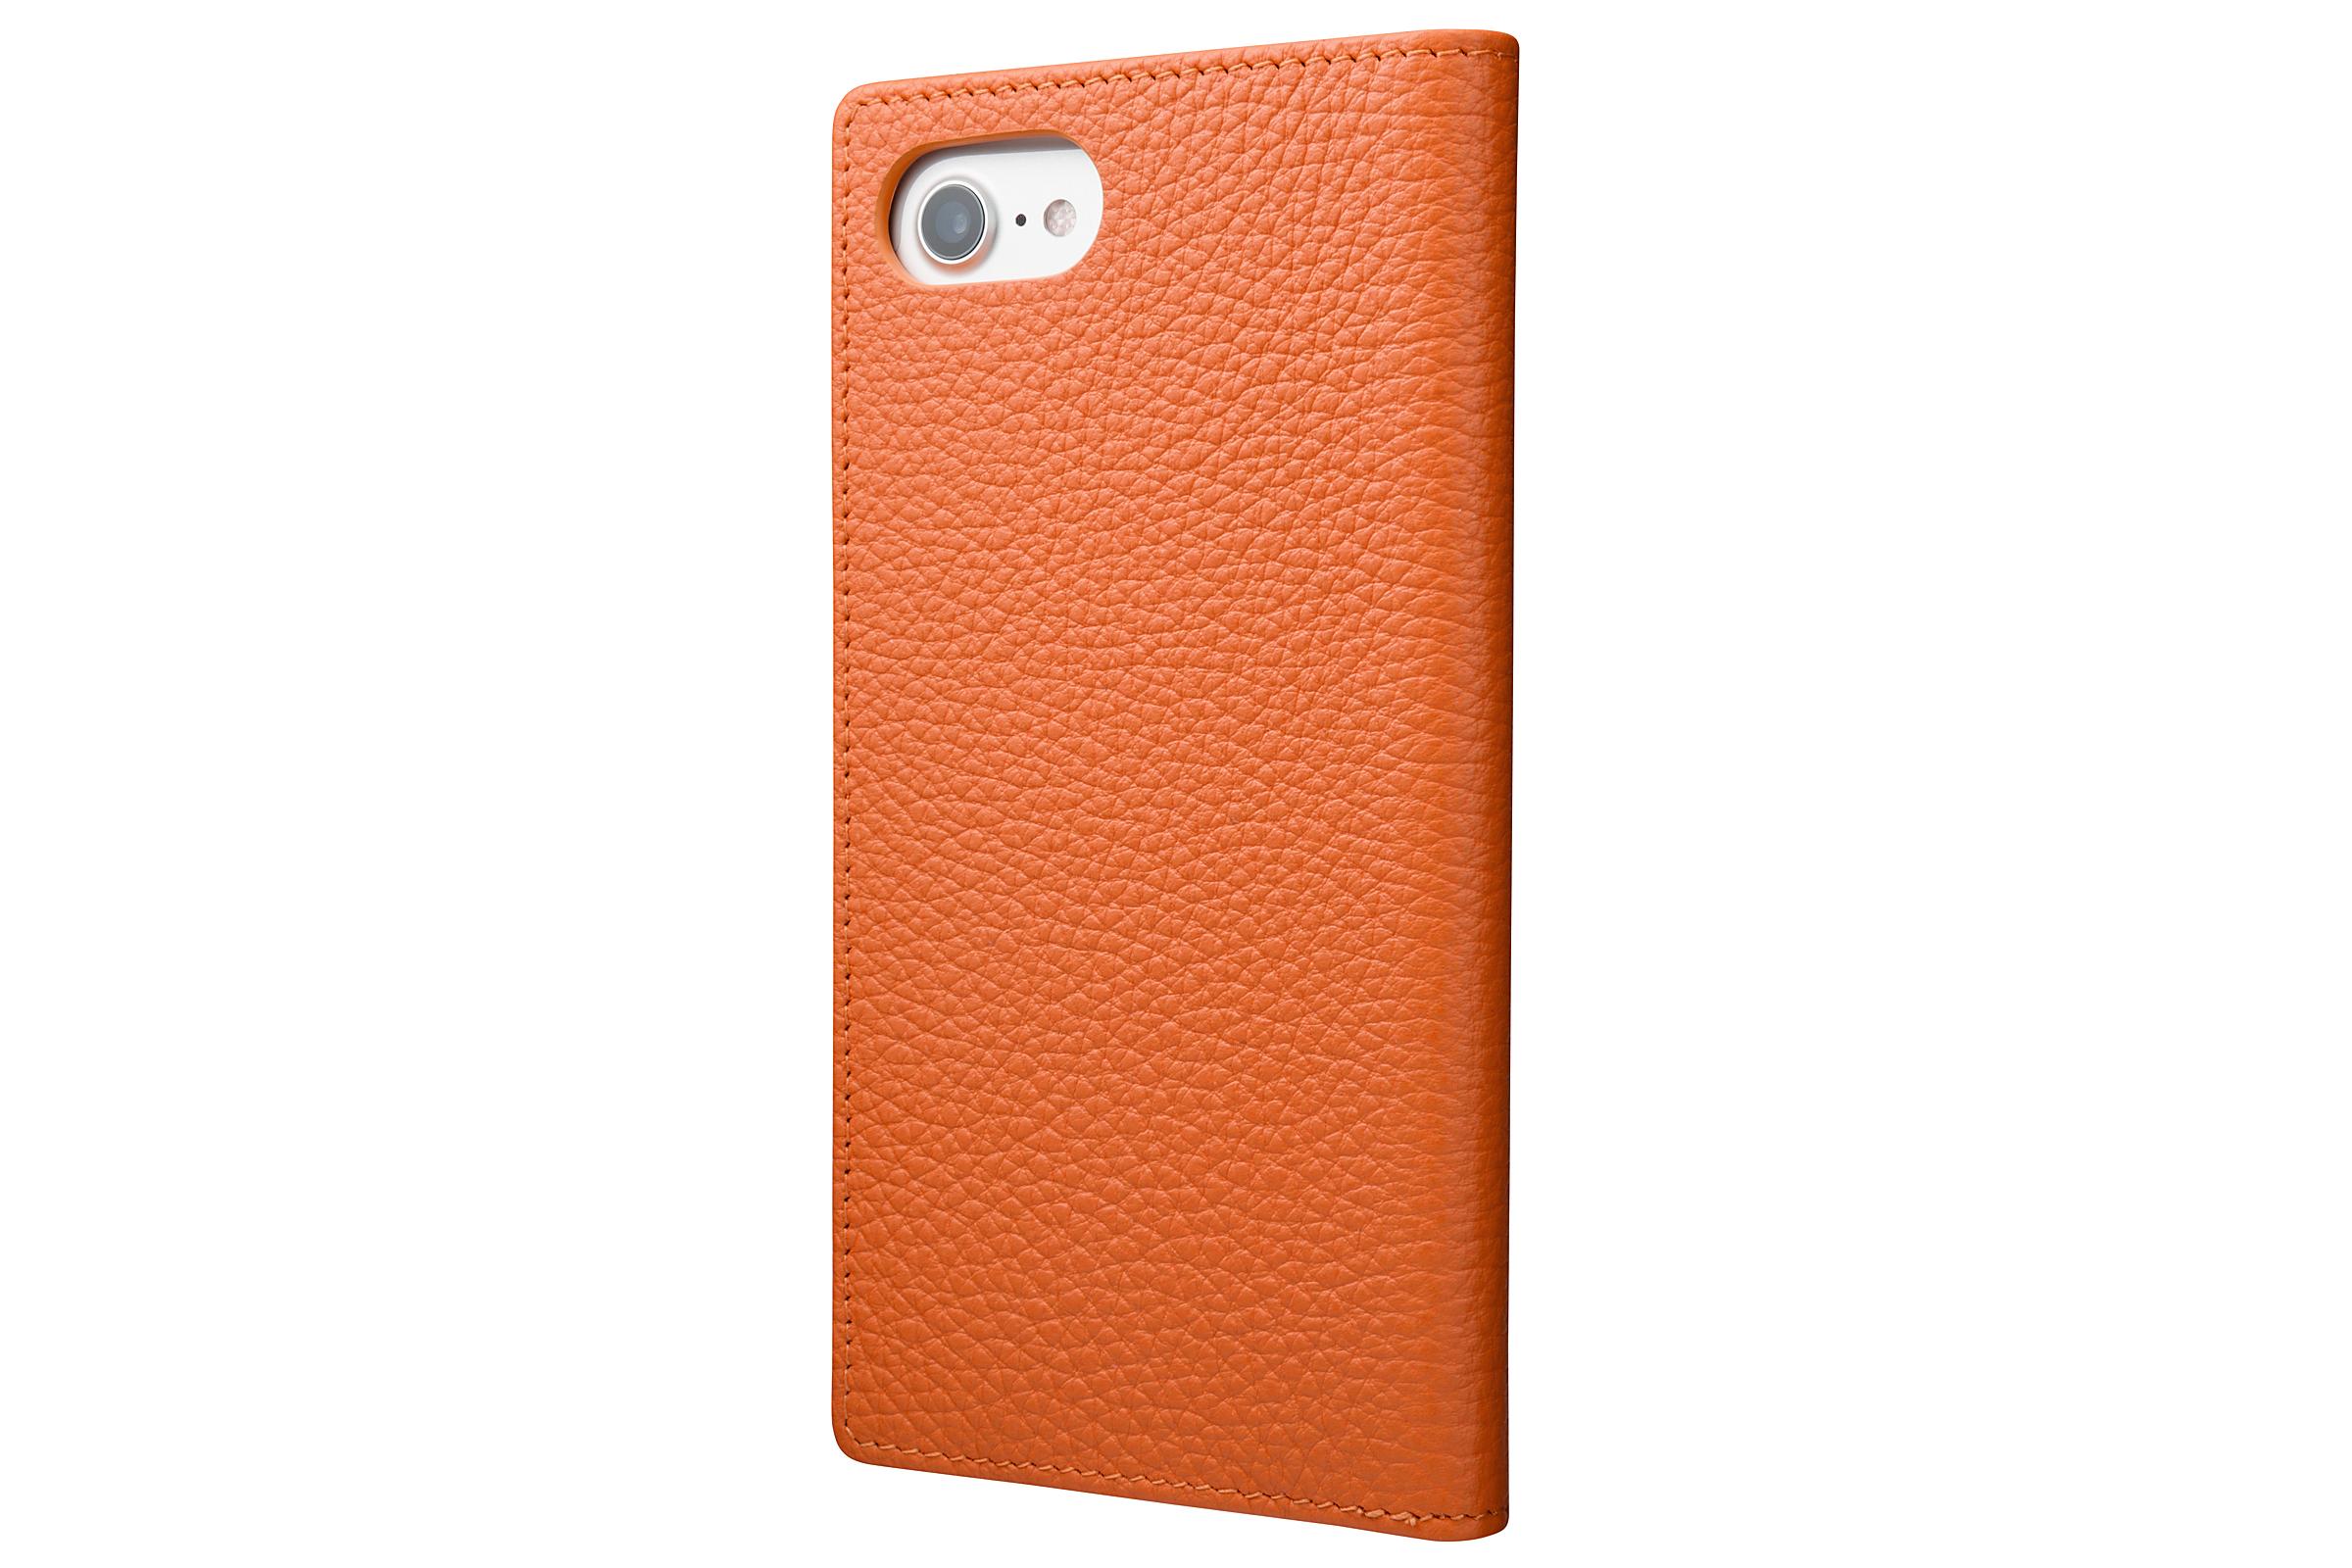 GRAMAS Shrunken-calf Full Leather Case for iPhone 7(Orange) シュランケンカーフ 手帳型フルレザーケース - 画像2